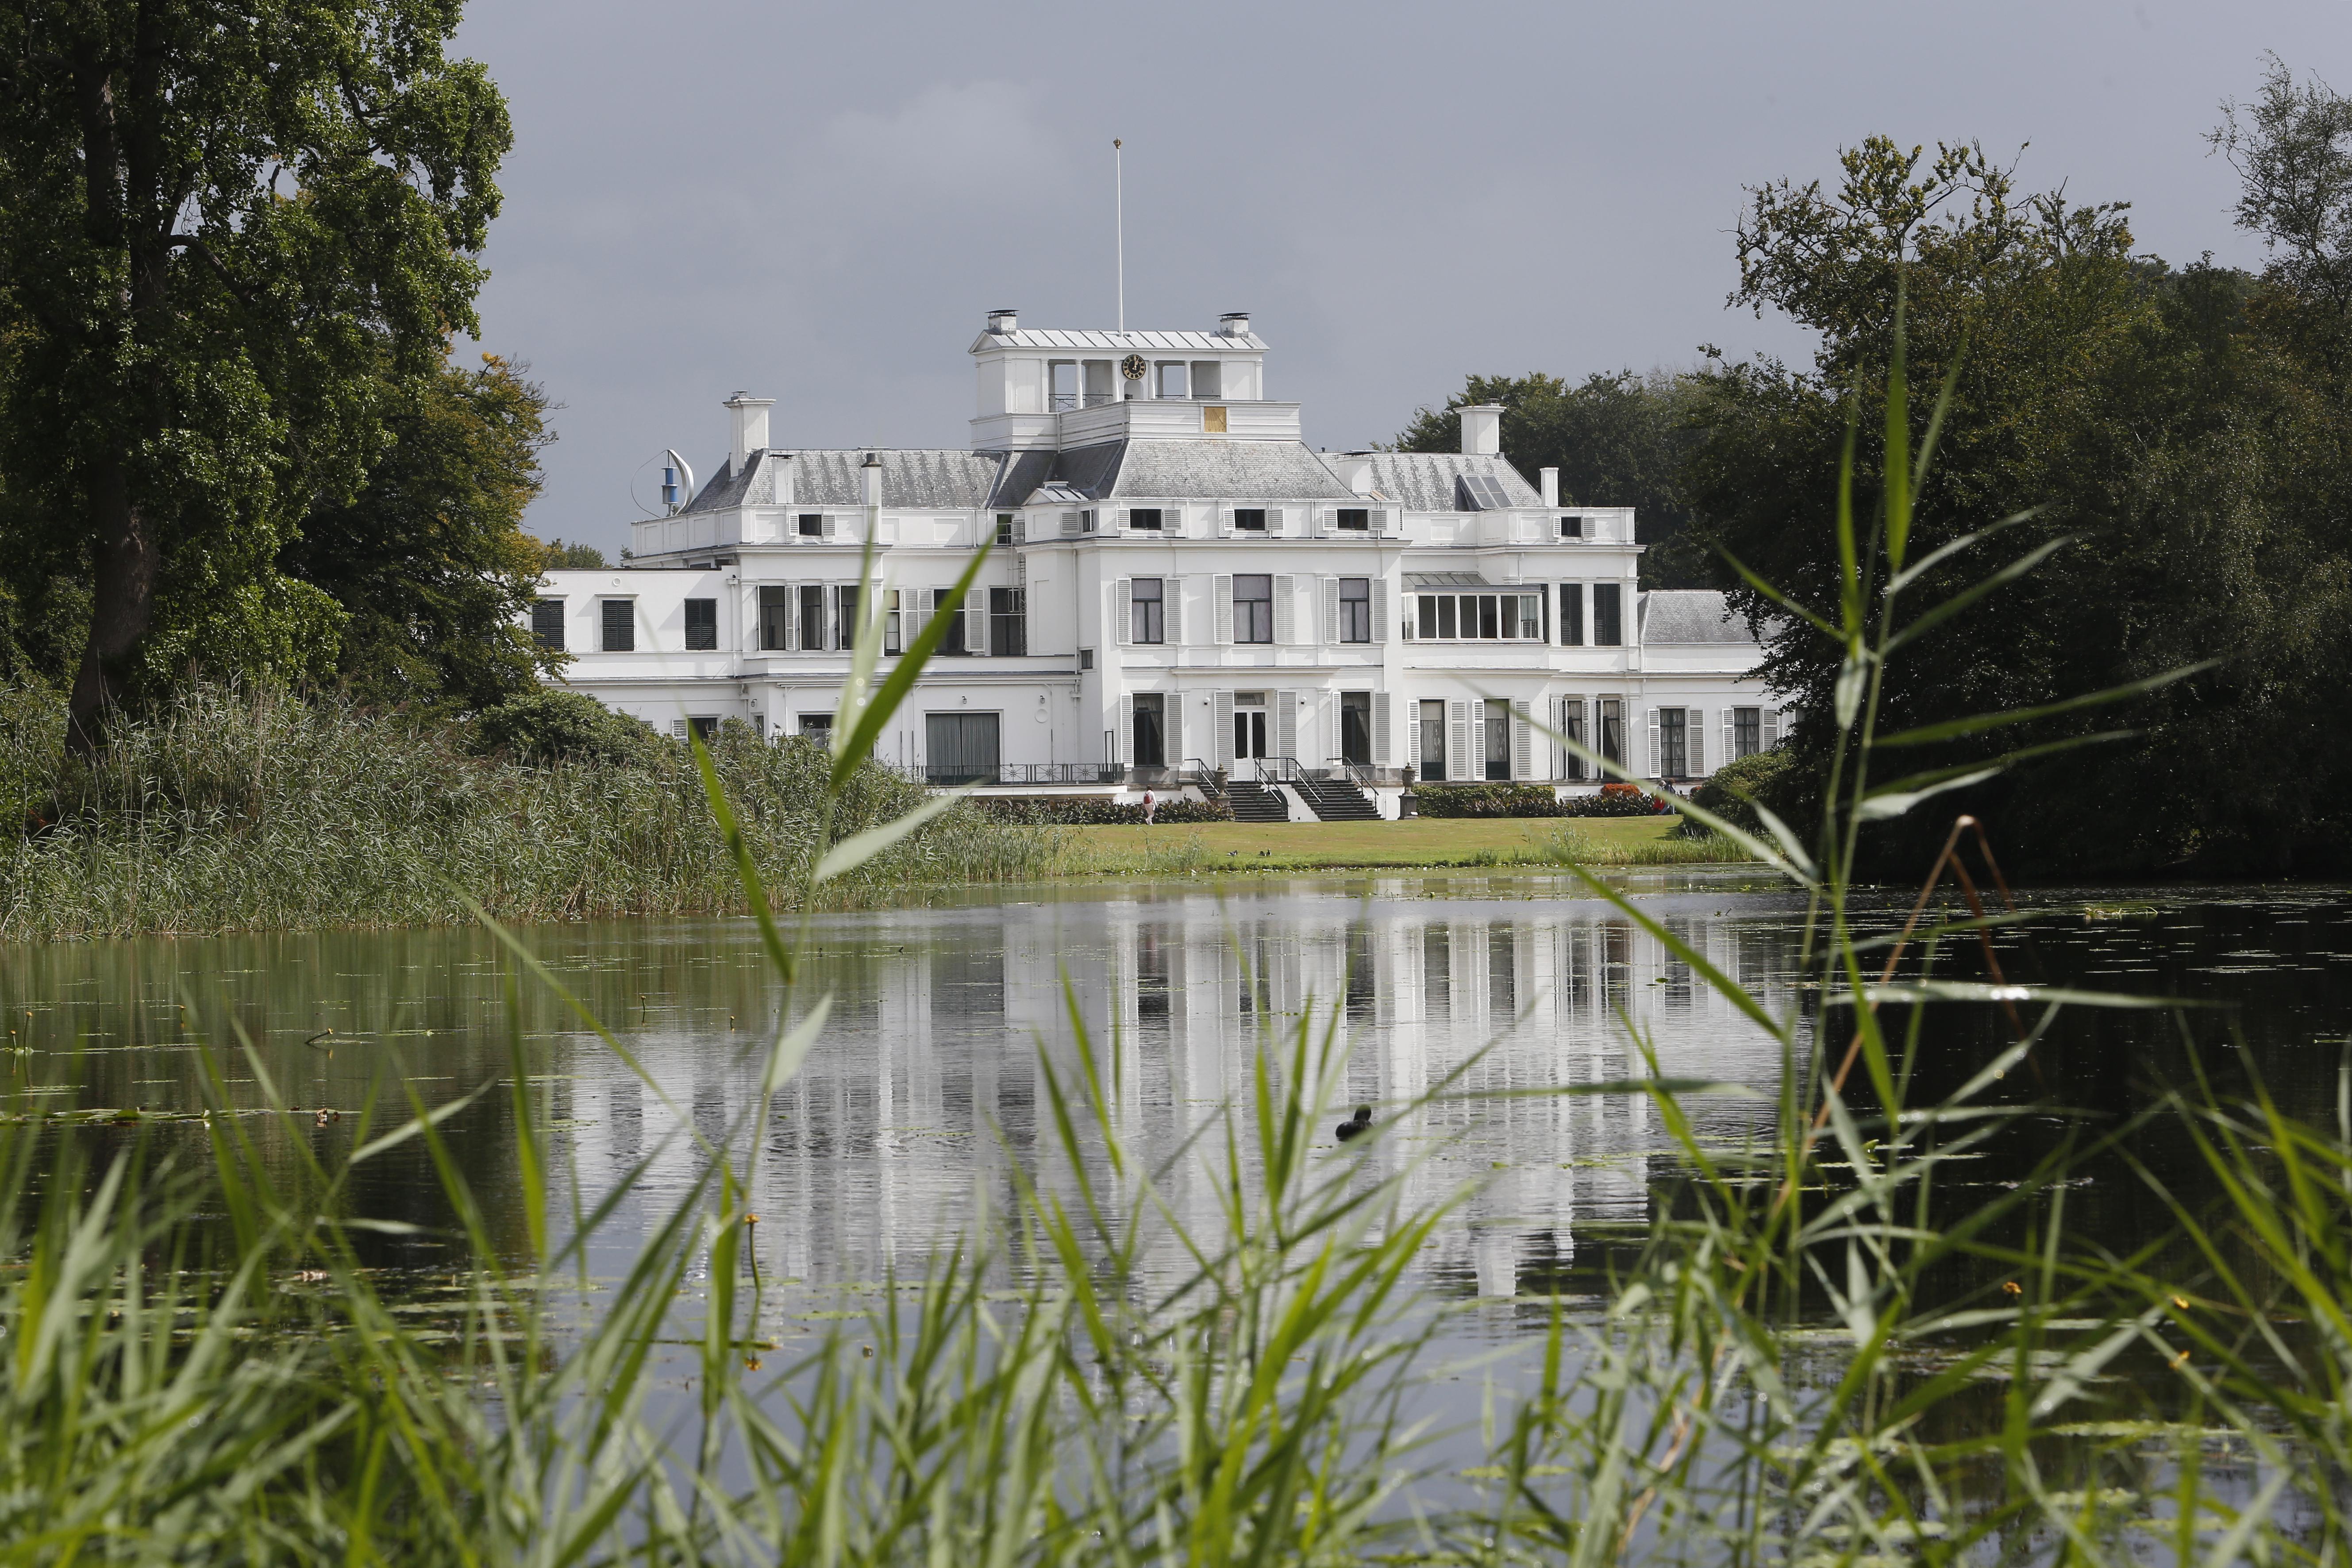 Plannen voor woningbouw Borrebos stilgelegd, paleis op zoek naar alternatief met meer behoud van natuur; Maya Meijer: 'Nieuwe plan wordt een stuk eleganter' [update]